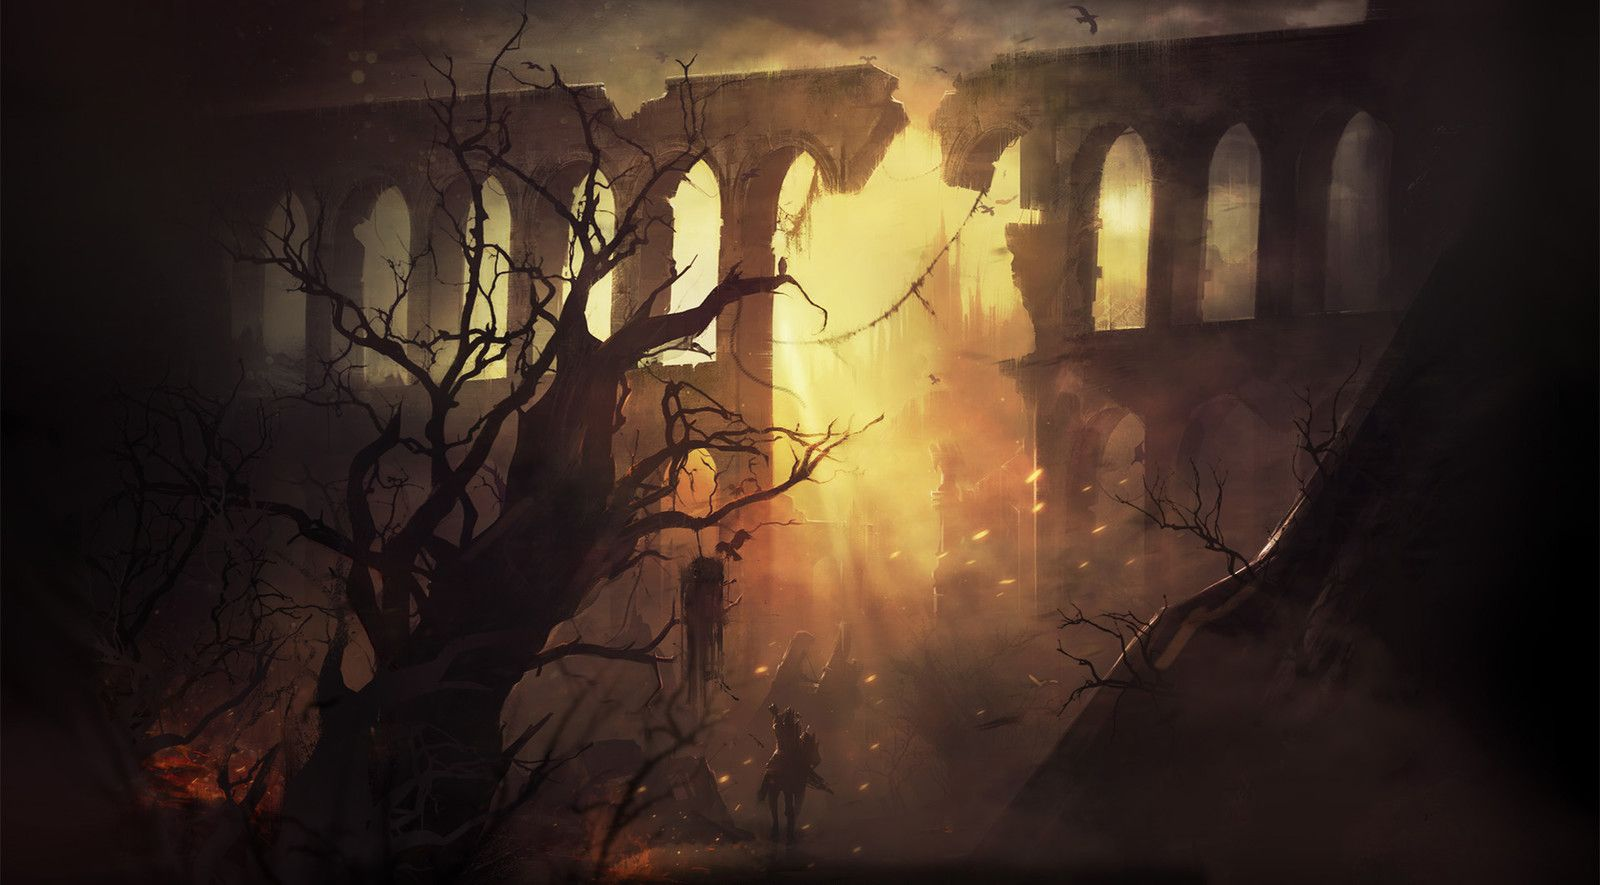 Ruins, Illia Tsiushkevich on ArtStation at https://www.artstation.com/artwork/QL5k8